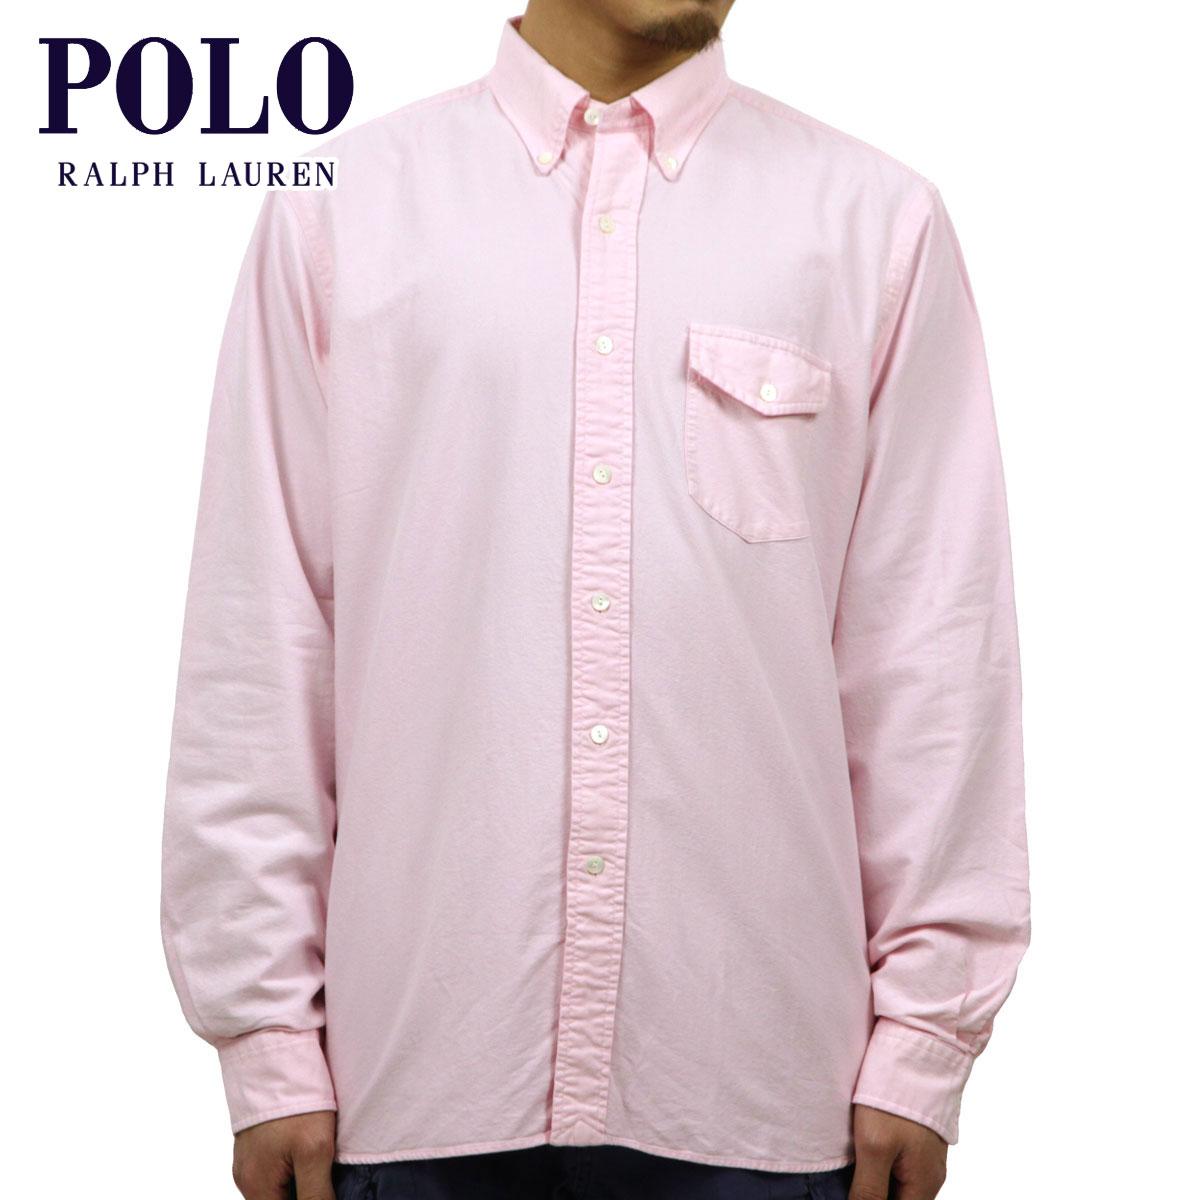 ポロ ラルフローレン シャツ メンズ 正規品 POLO RALPH LAUREN 長袖シャツ Custom-Fit Sun-Washed Oxford PINK